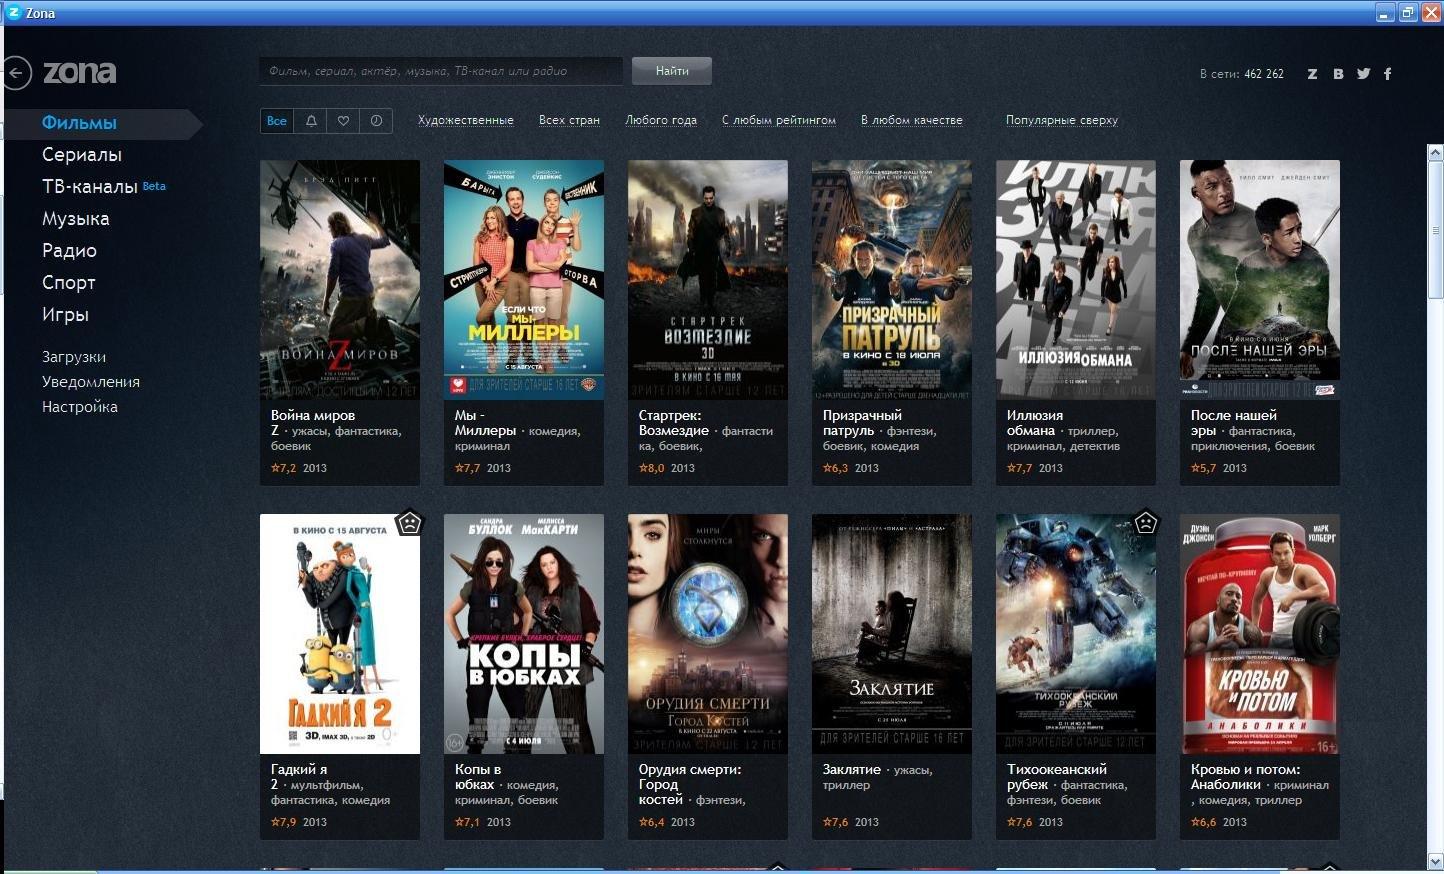 Фильмы 2018  смотреть онлайн новинки кино 2018 года бесплатно